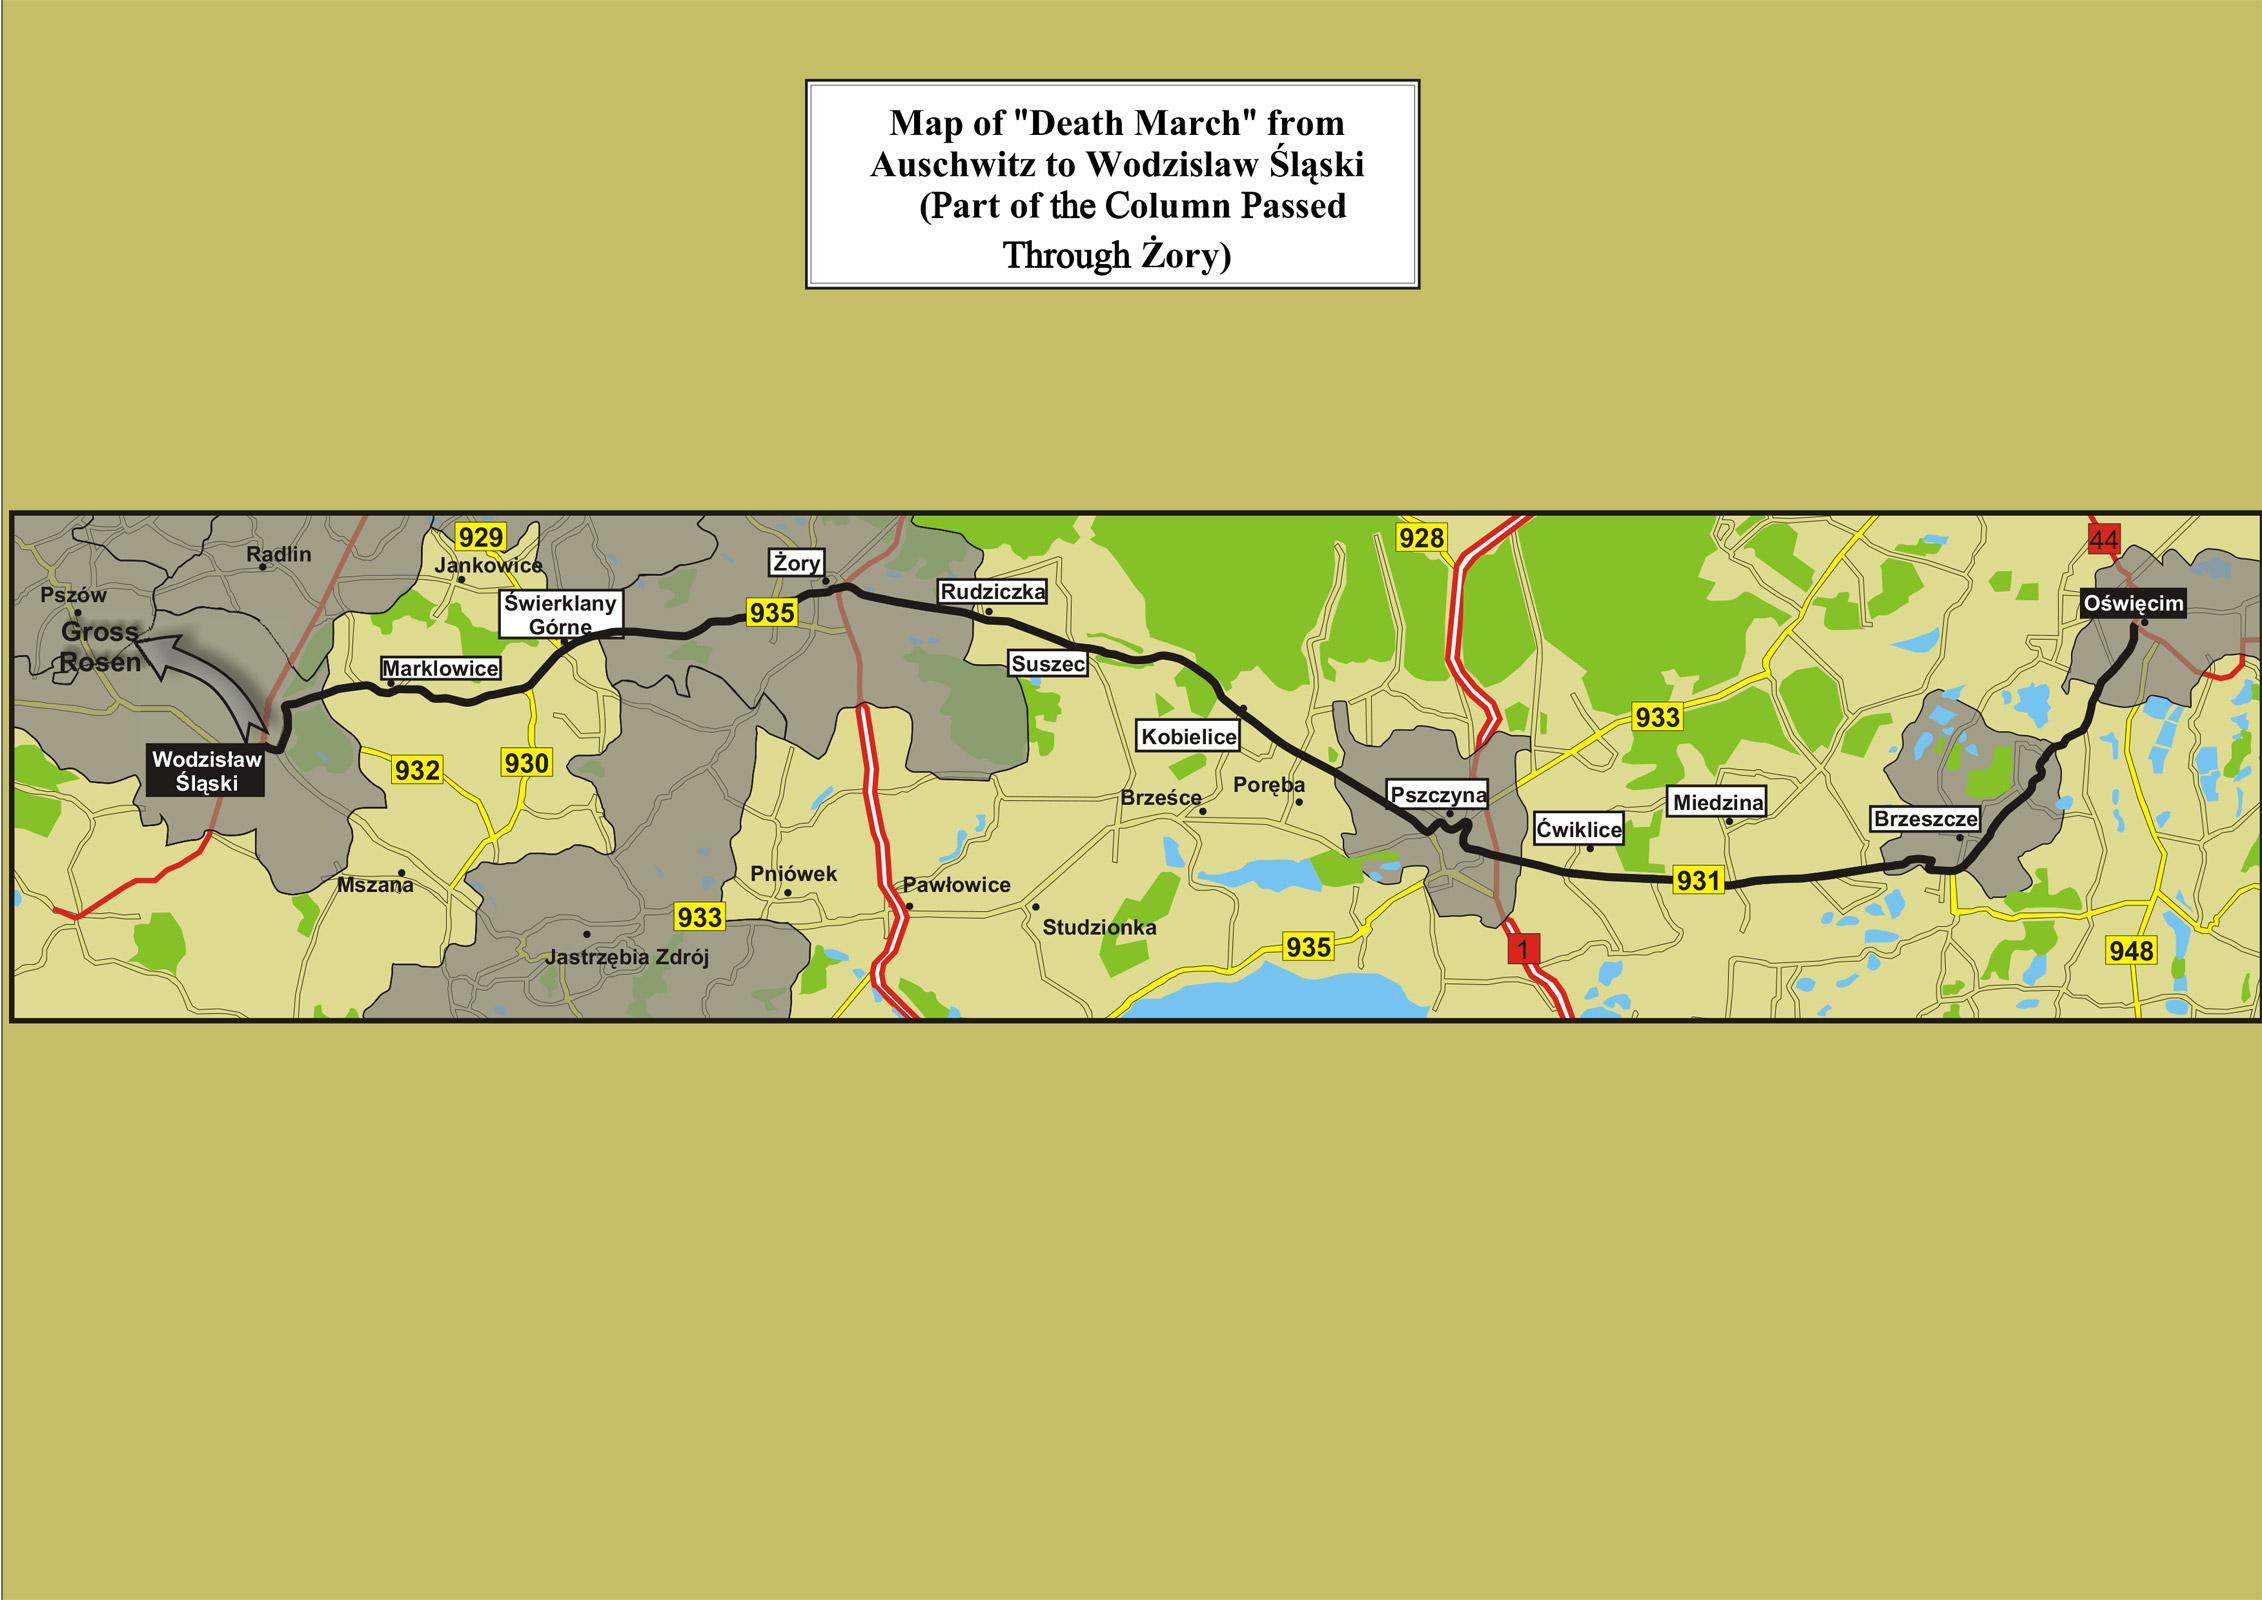 Map-of-death-march-from-Auschwitz-to-Wodzisław-Śląski-passing-through-Żory